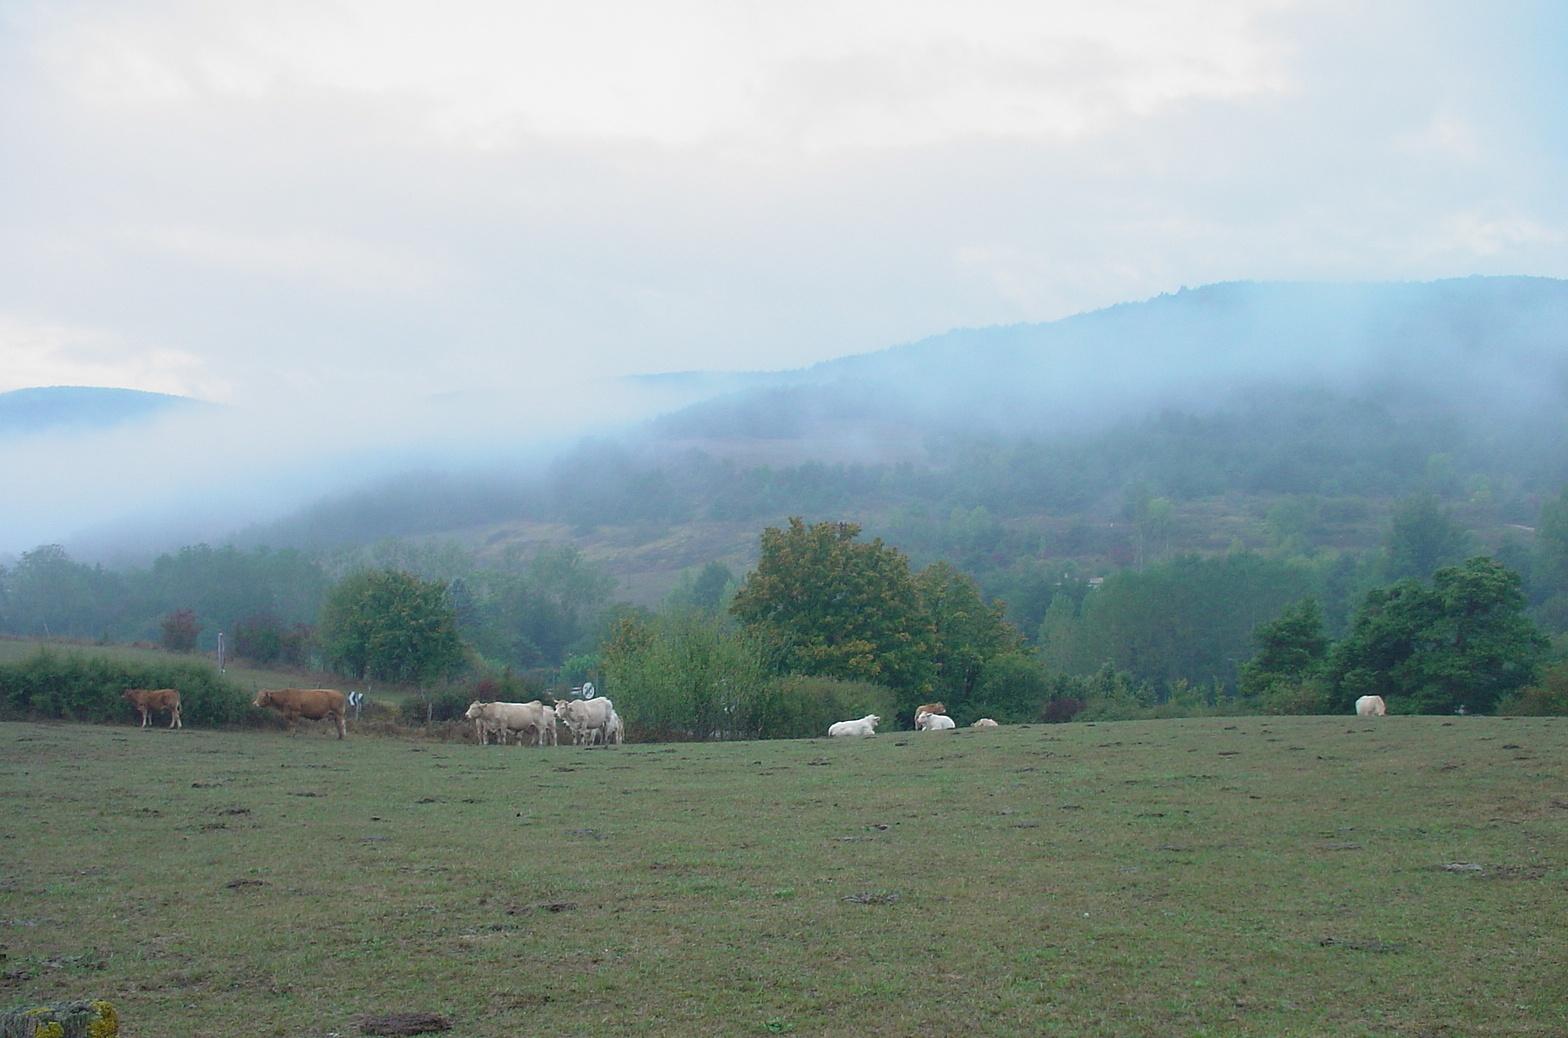 Pyrenäen, Weidelandschaft